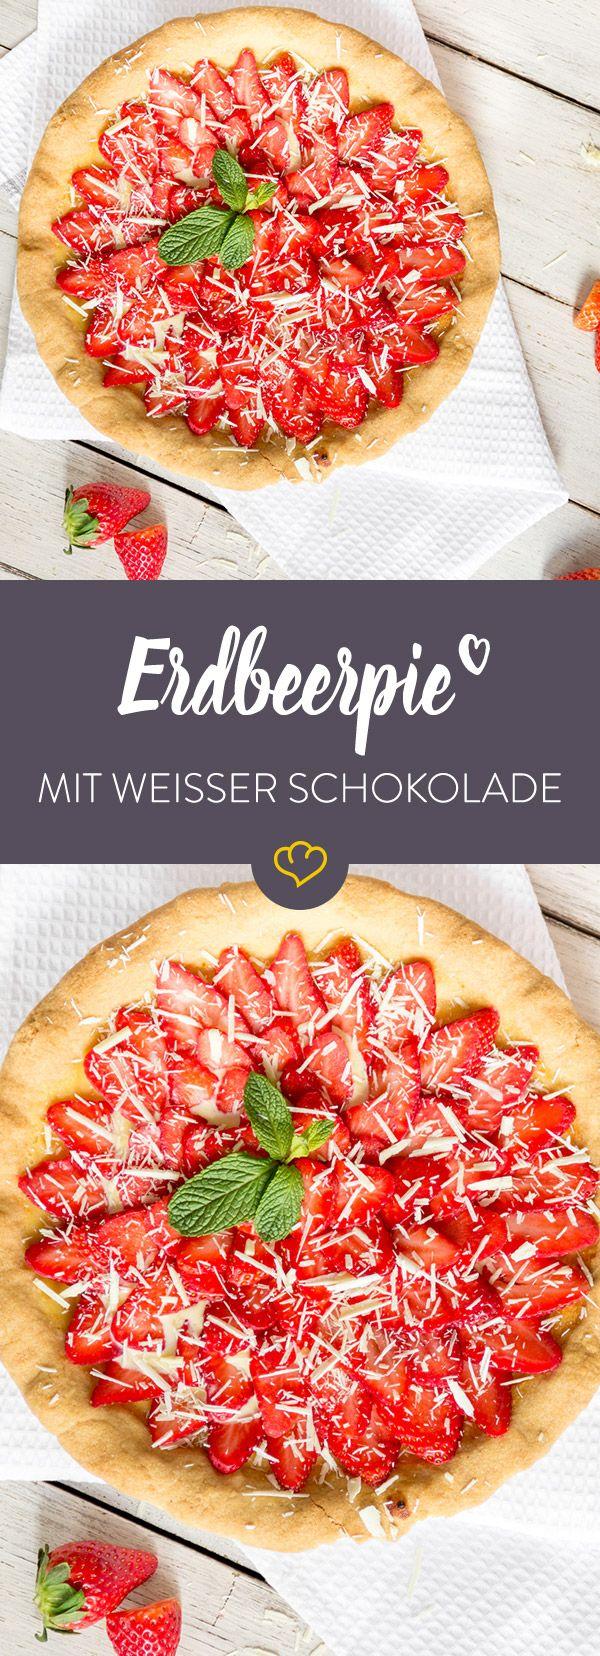 Zarter Mürbeteig gefüllt mit einer sündhaft süßen Creme aus weißer Schokolade. Als Krönung gibt`s eine Portion Erdbeeren on Top. Ein Erdbeertraum wird wahr!